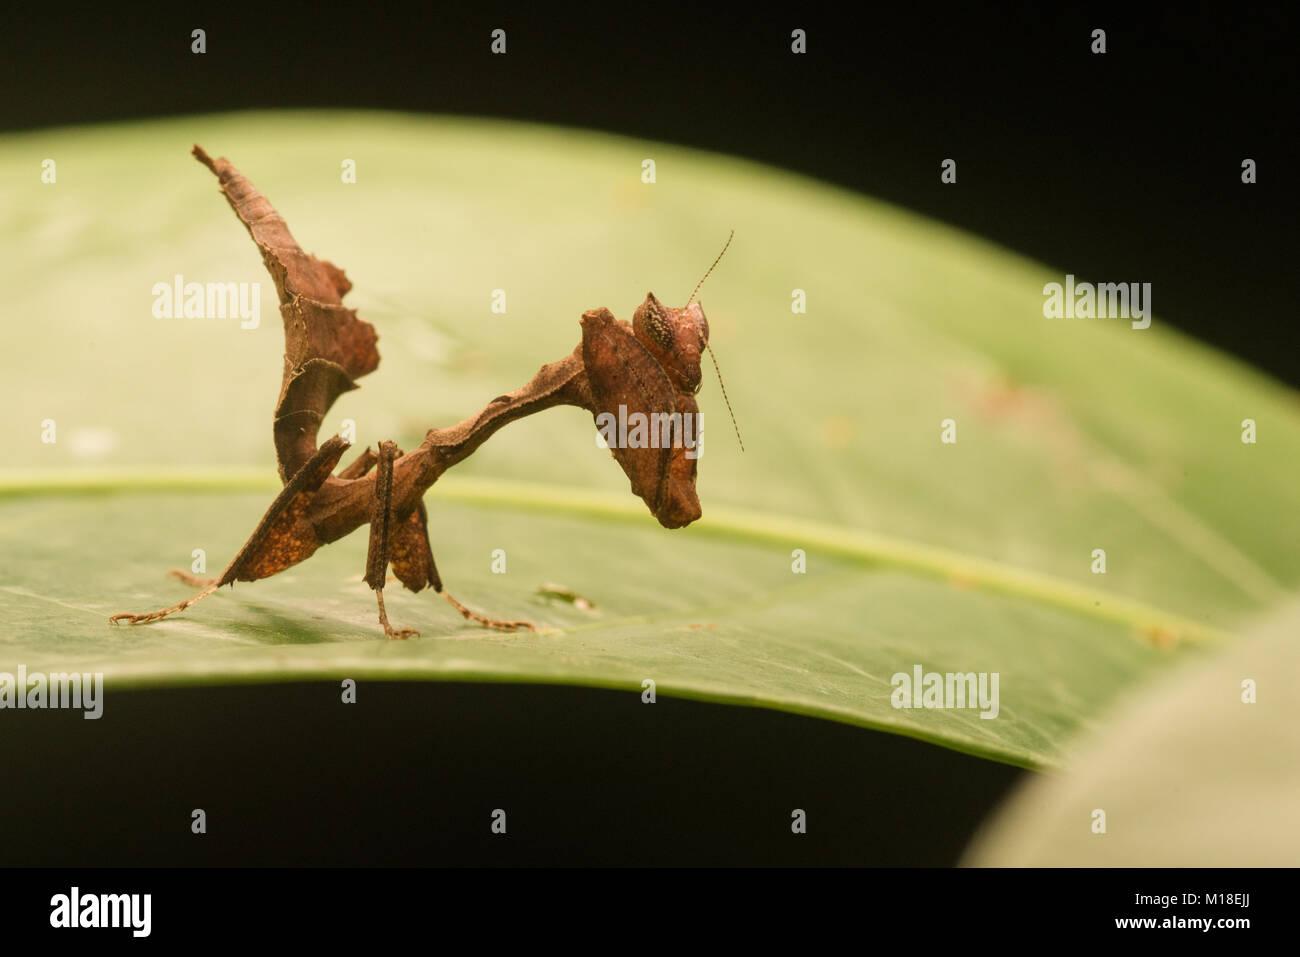 Eine kleine Kinder Blatt nachahmen Mantis (Acanthops sp) aus dem Amazonas Dschungel. Stockbild